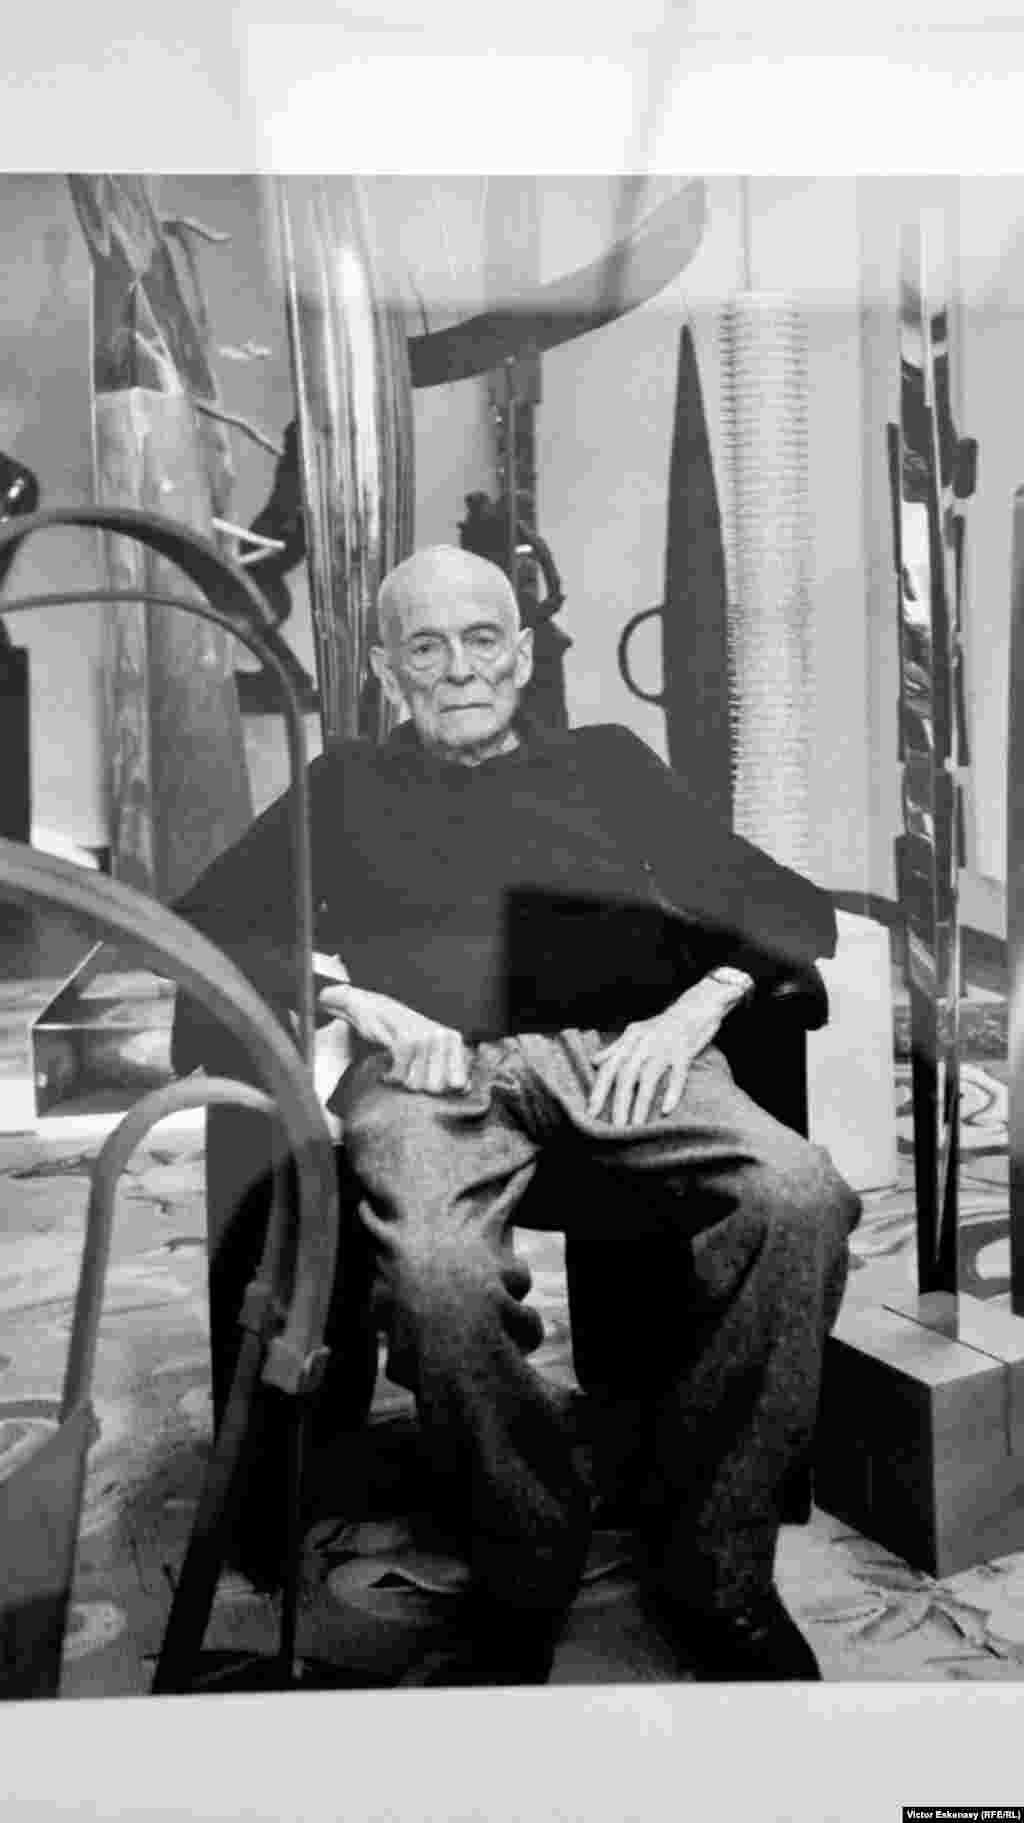 Simon Spierer fotografiat acasă la Geneva alături de sculpturile sale.